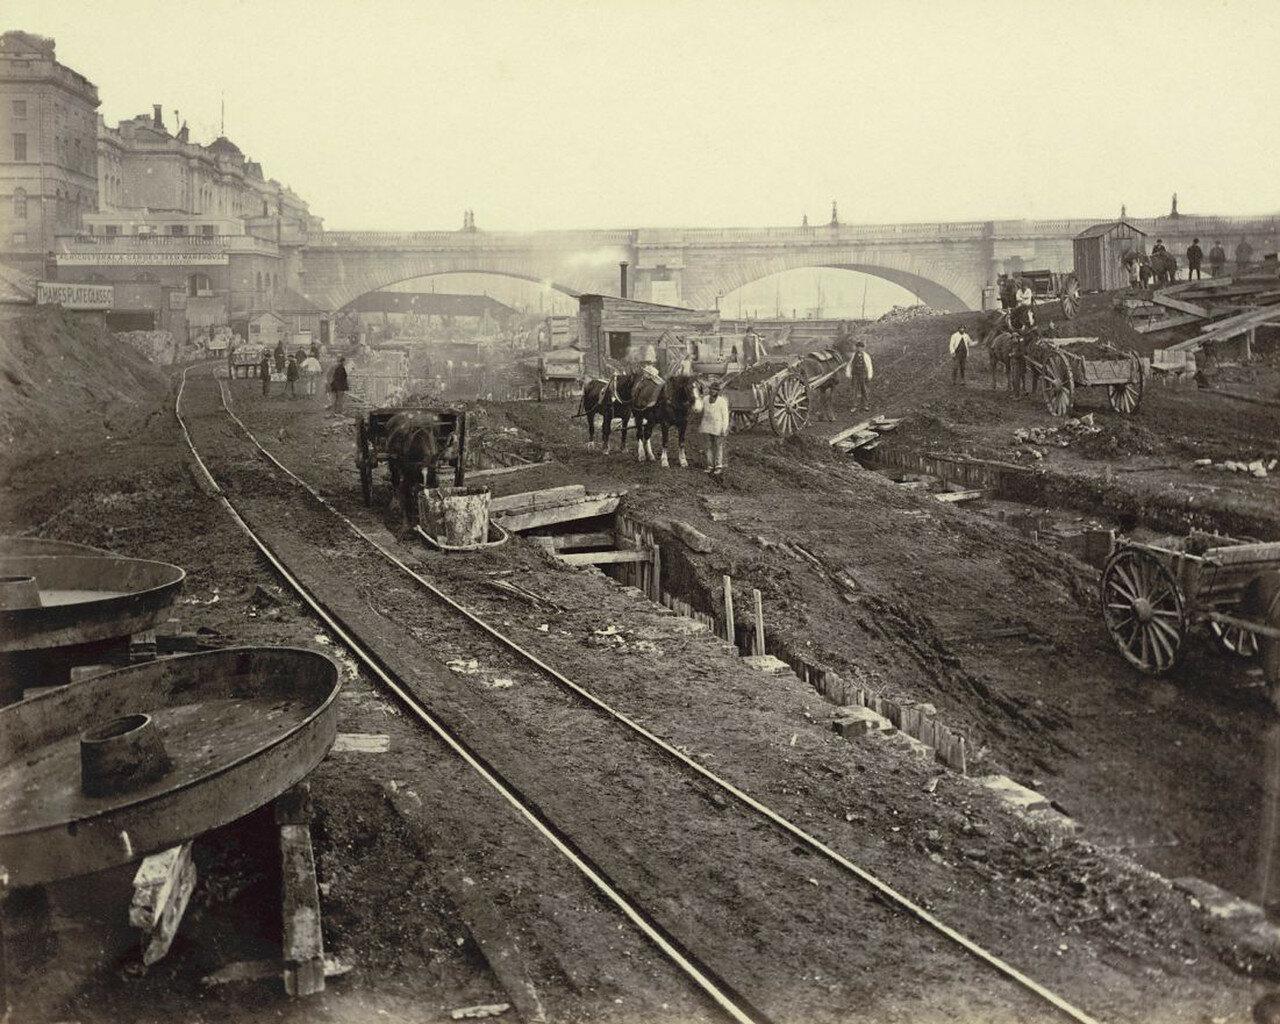 1866-1870. Строительный участок к западу от моста Ватерлоо и Савой-стрит